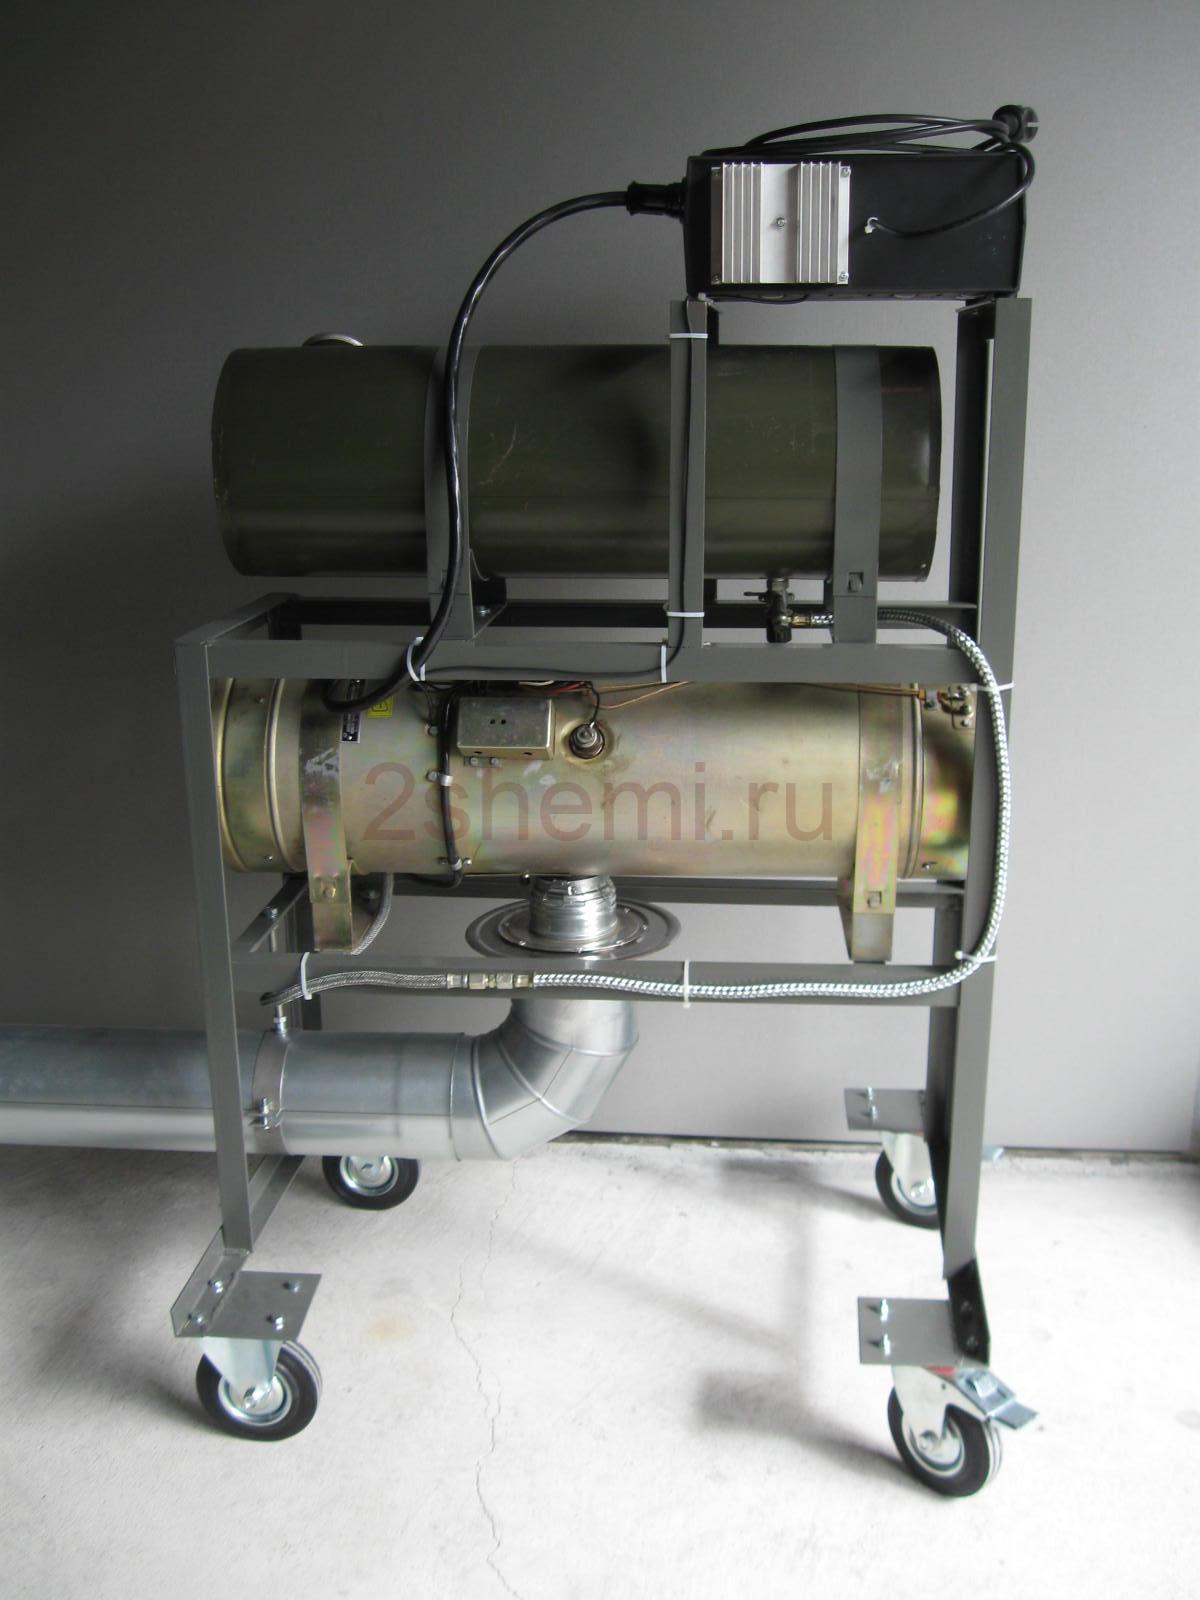 Гаражный обогреватель на базе стационарного автомобильного отопителя